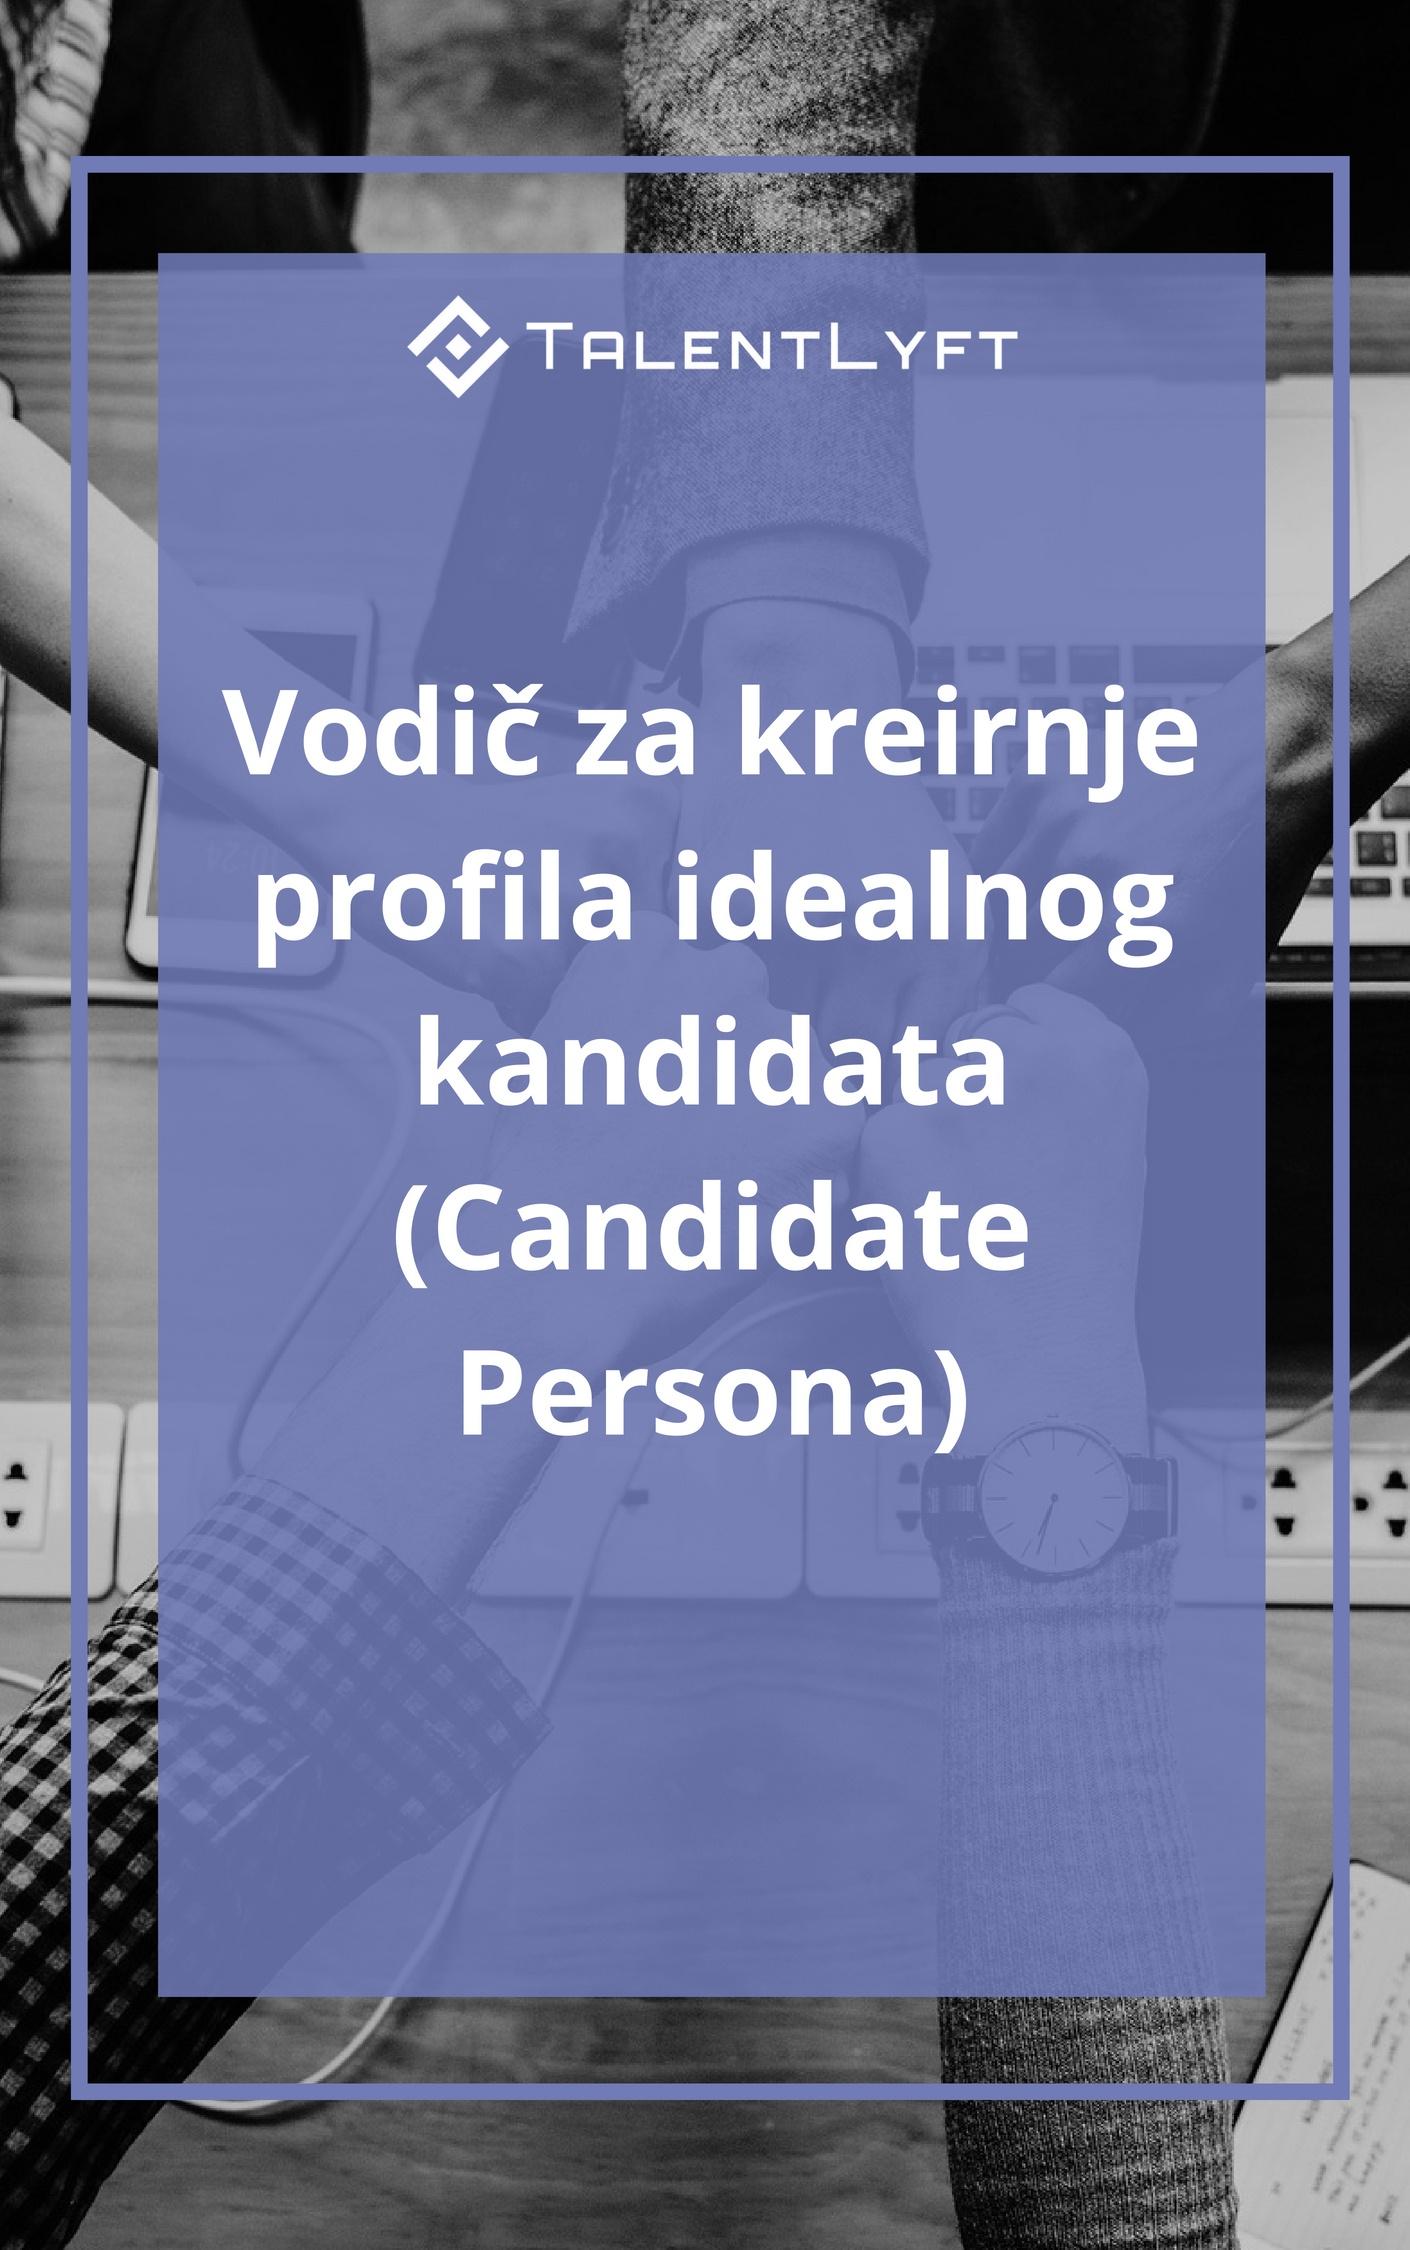 Vodič za kreirnje profila idealnog kandidata.jpg